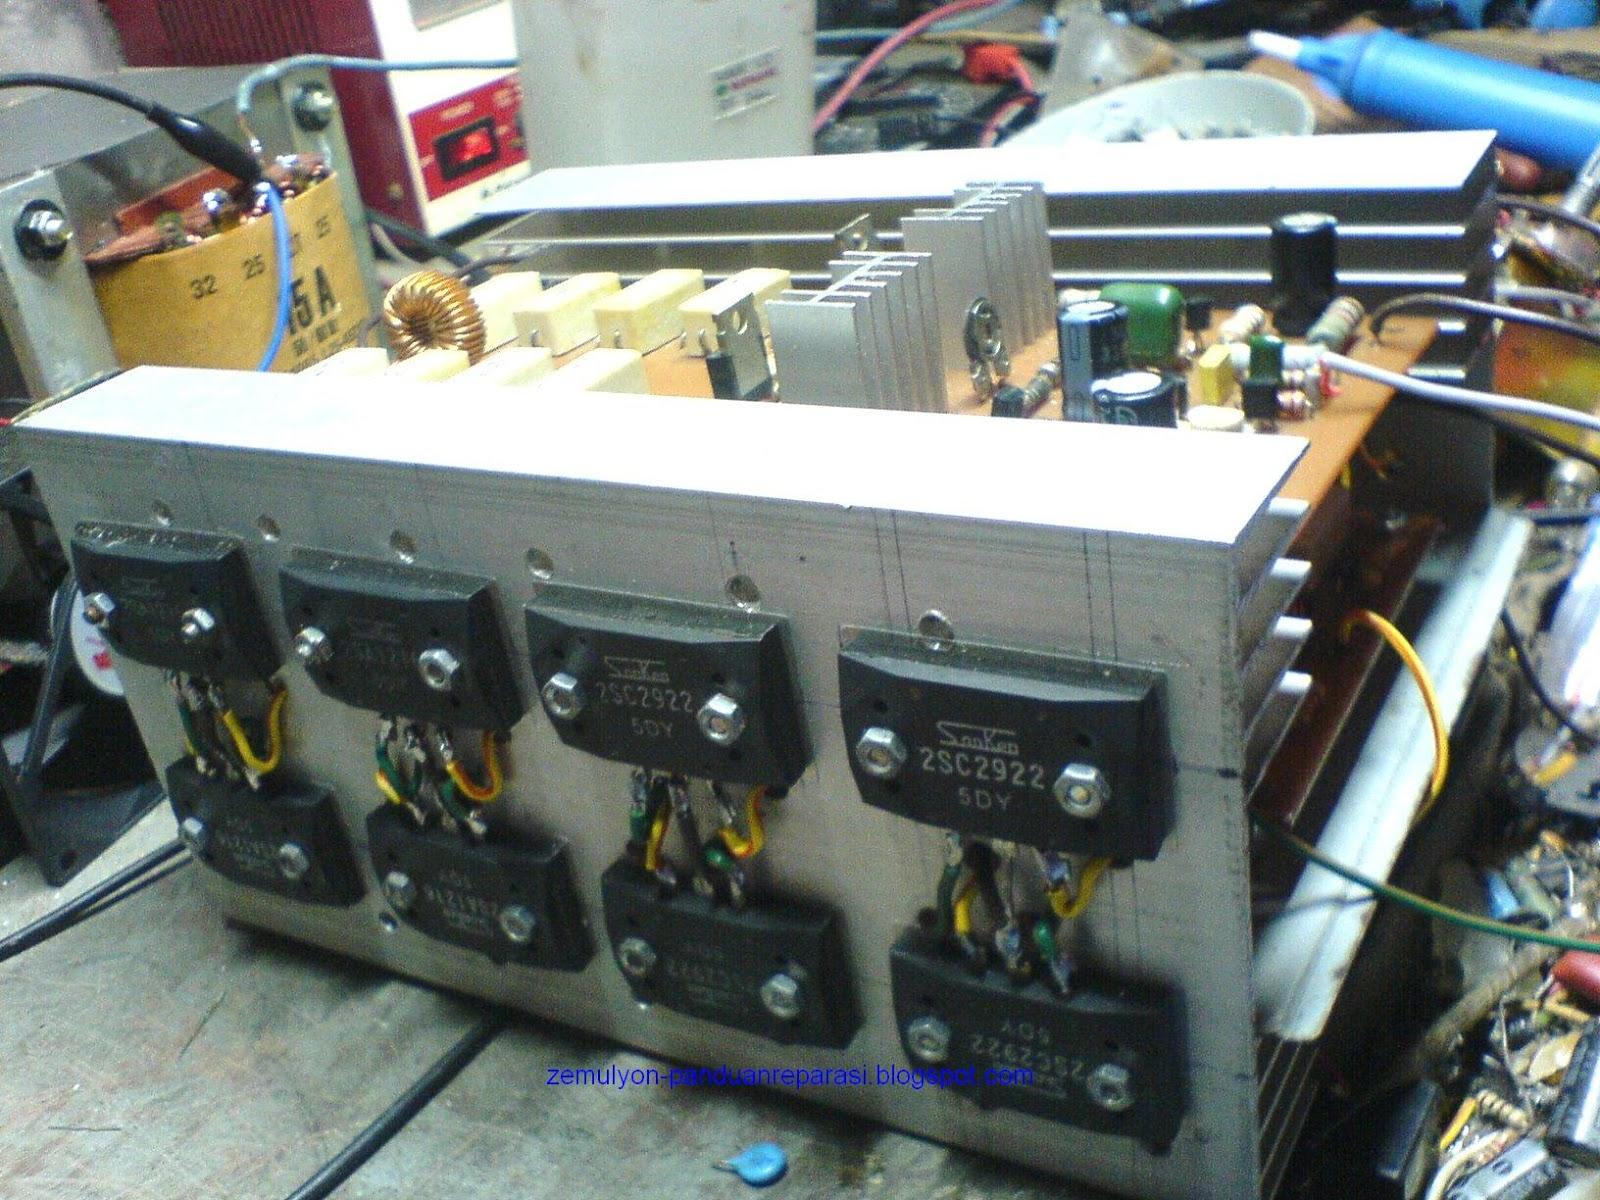 teknik modifikasi amplifier ocl 150watt 400watt audio daya tinggi audio ocl lapangan. Black Bedroom Furniture Sets. Home Design Ideas